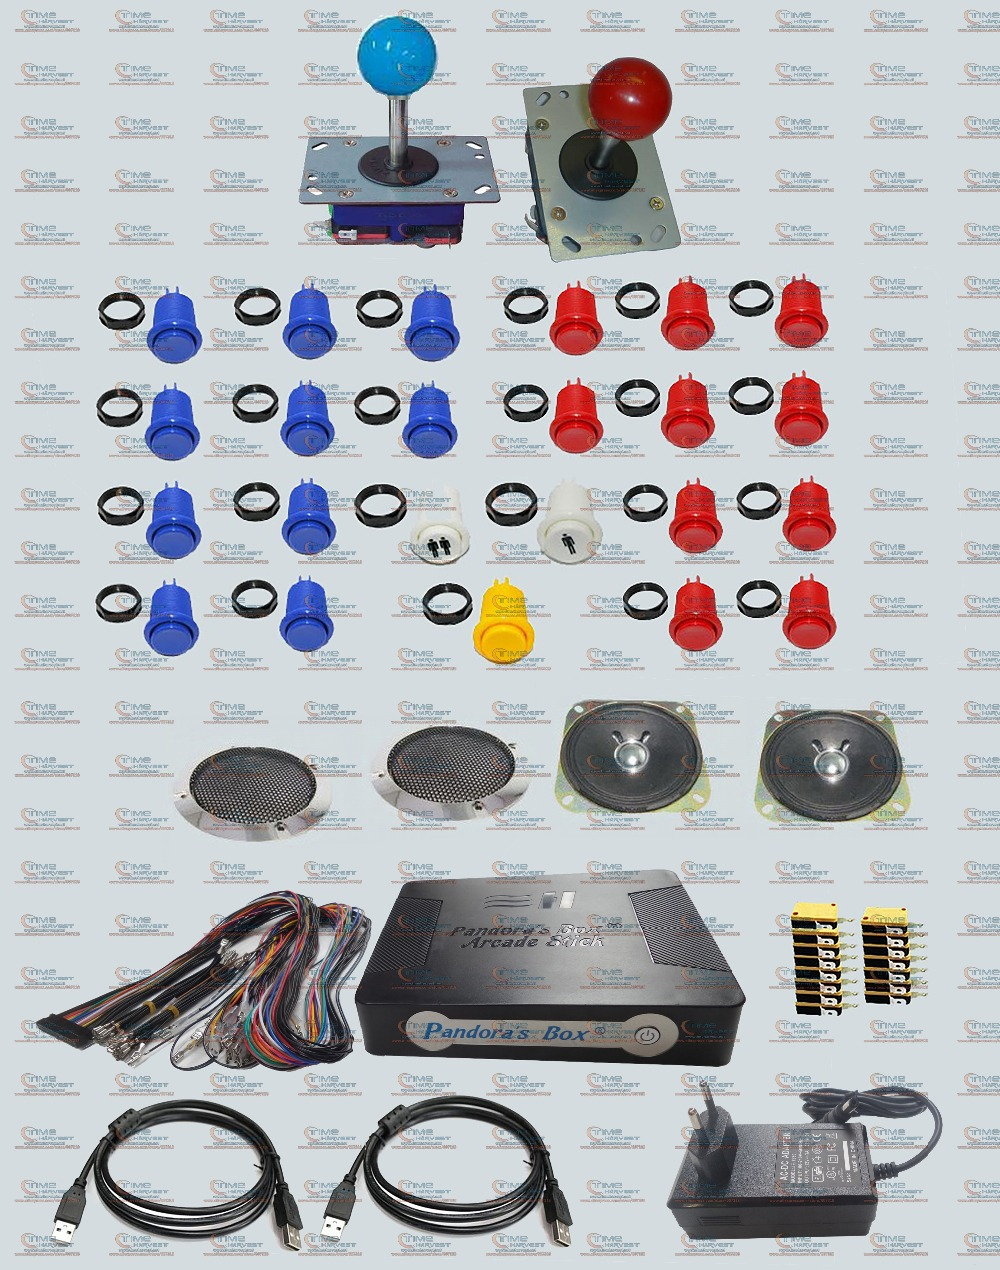 Kit de faisceaux de pièces d'arcade avec boîte Pandora 4 S Arcade Stick plateau de jeu Joystick Long arbre boutons de style américain faisceau de câbles